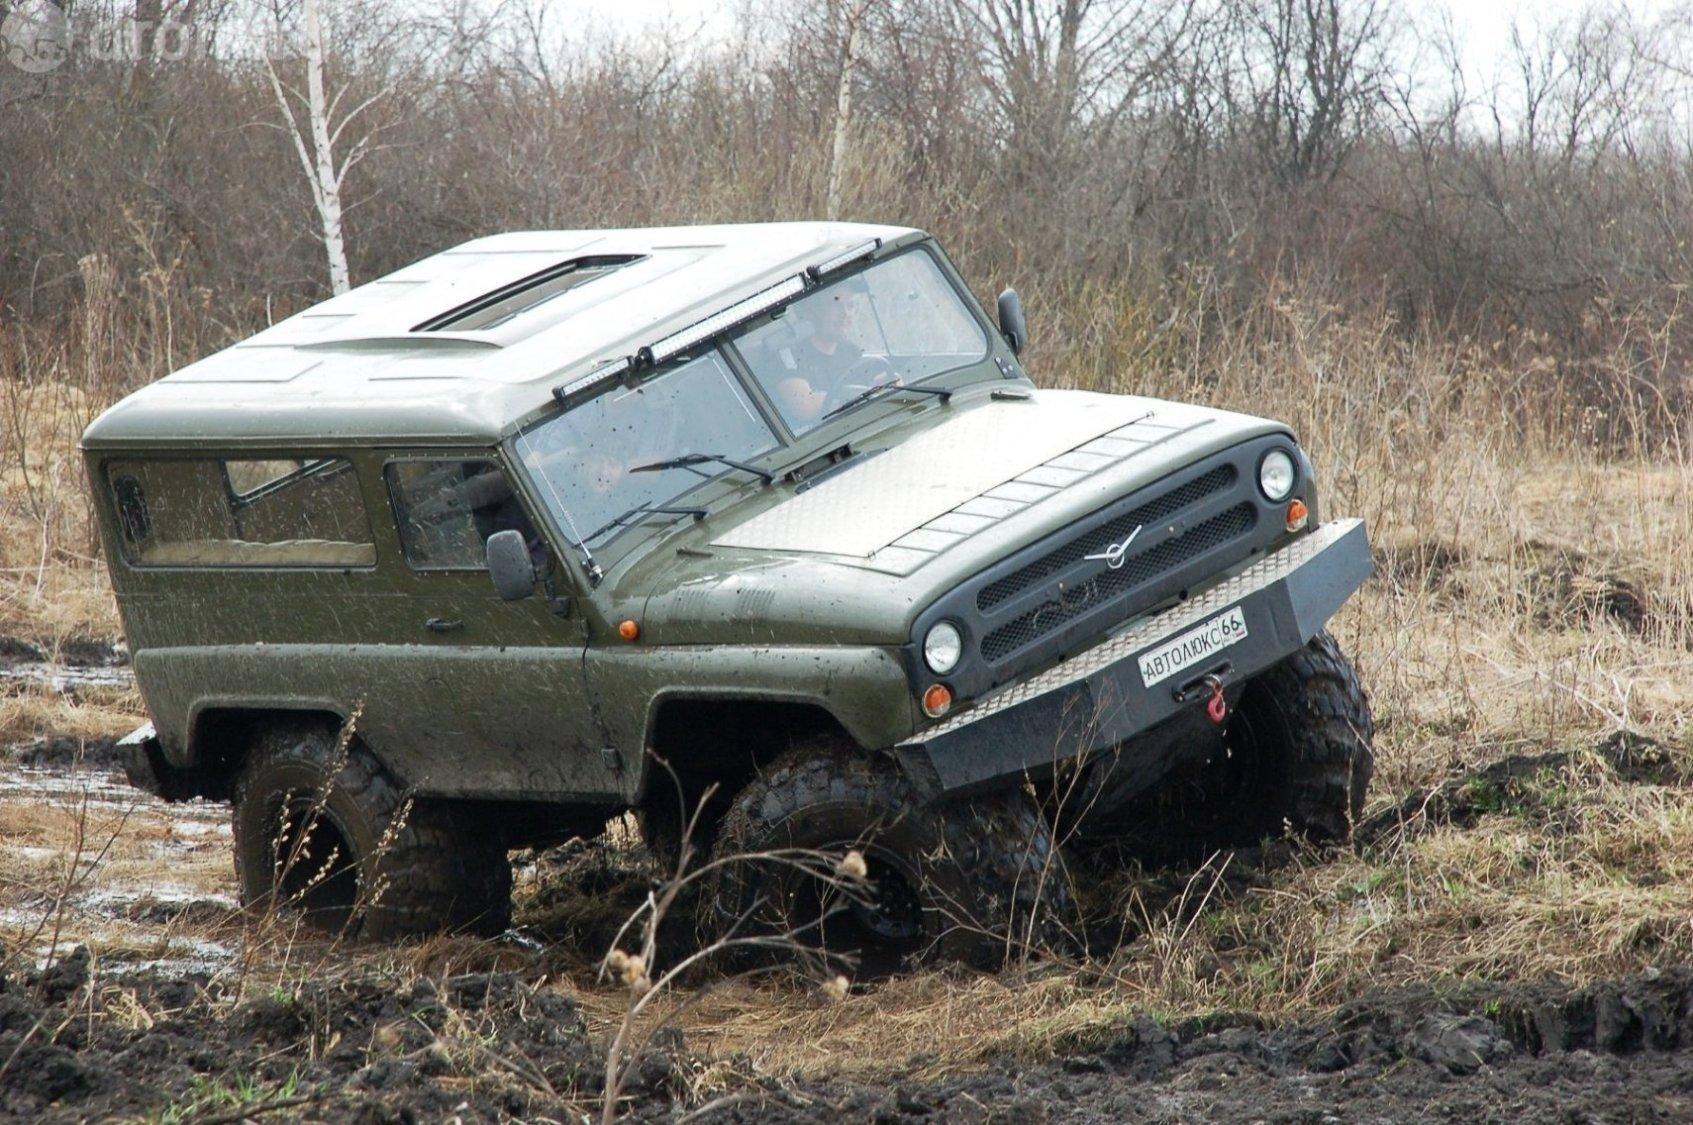 Размер колес и давление в них позволяют не думать над тем, какова глубина грязи, которую намесили та